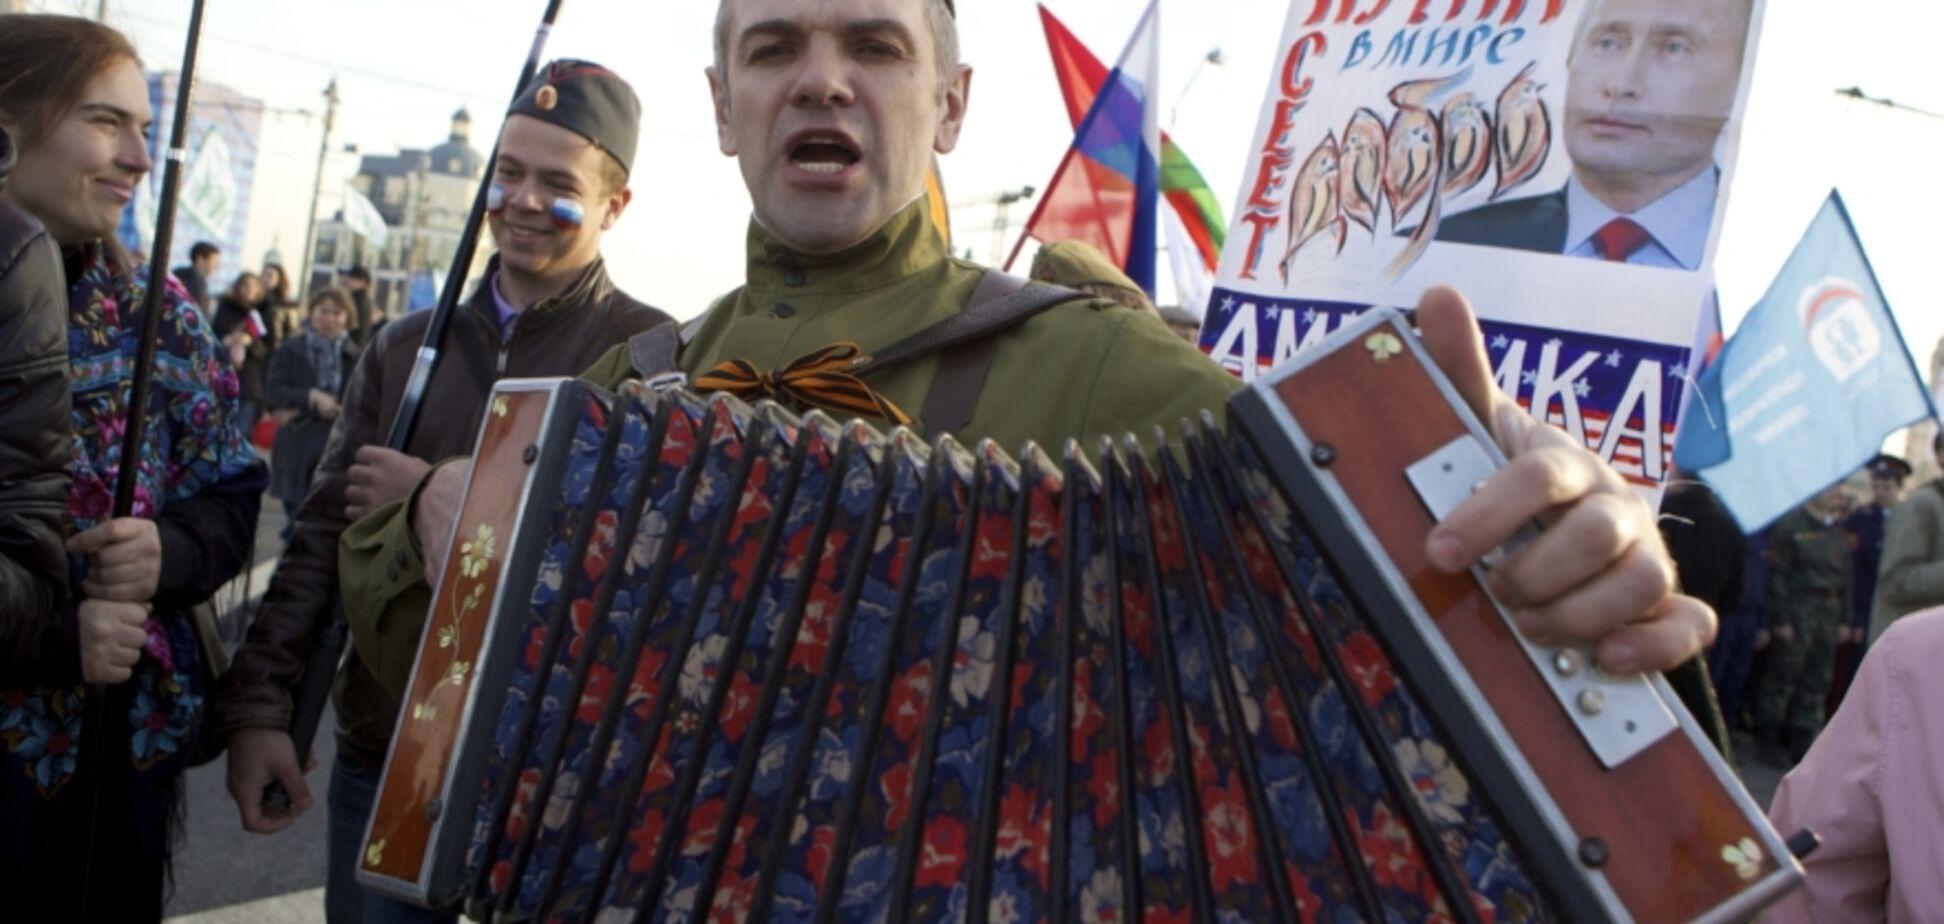 'Бачу упоротих': відомий блогер висміяв фанатів 'русского міра'